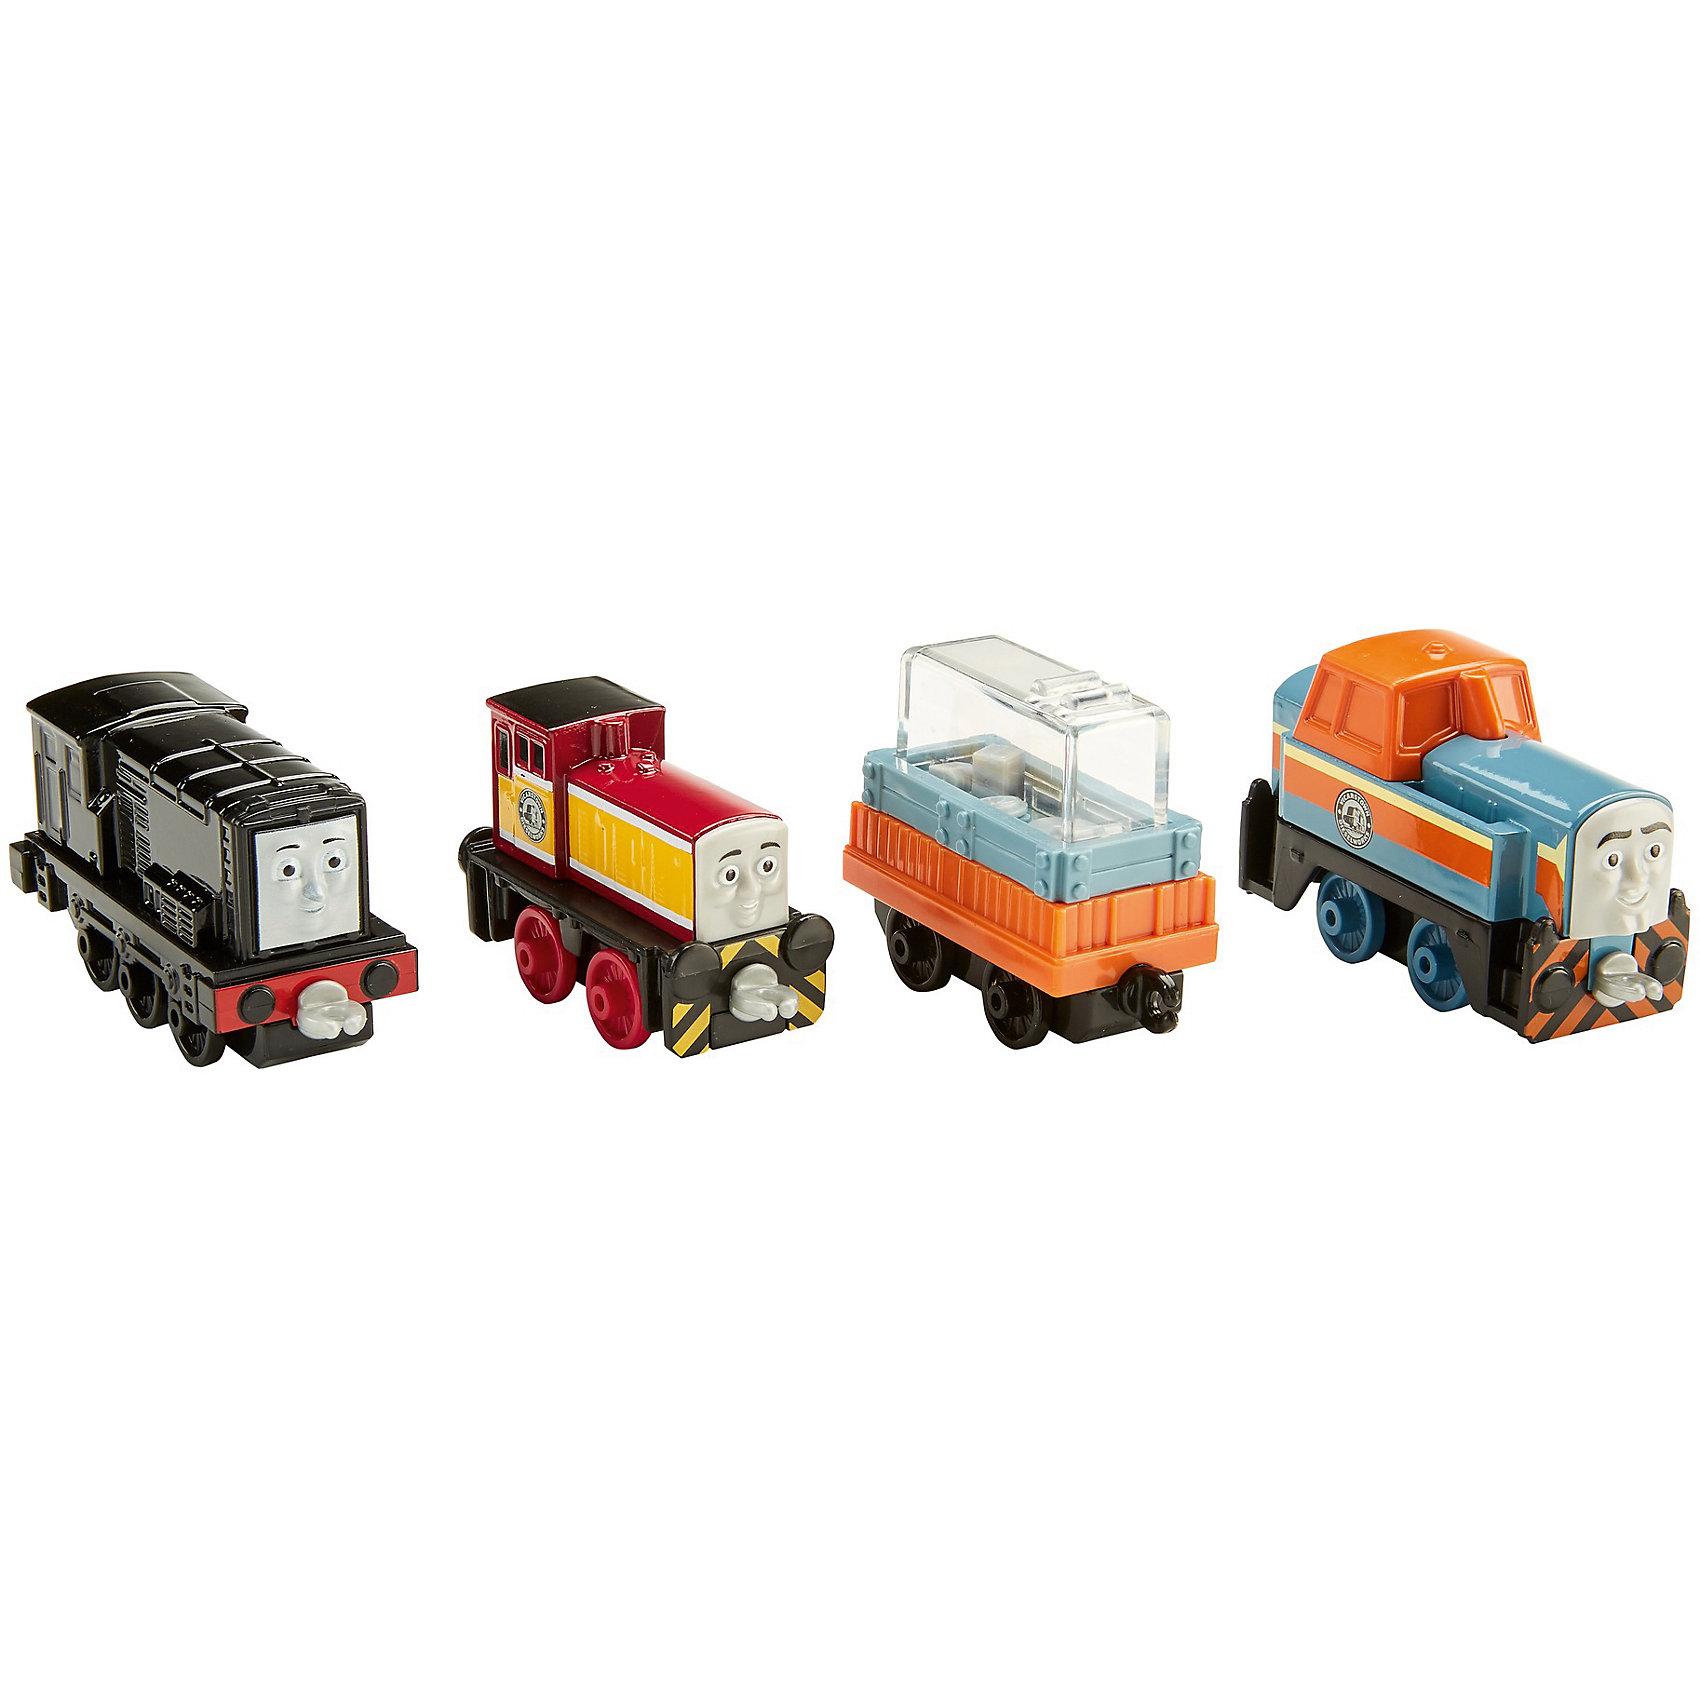 Набор из 3-х паровозиков с вагончиком, Томас и его друзьяПопулярные игрушки<br>Характеристики товара:<br><br>• возраст от 3 лет;<br>• материал: пластик;<br>• в комплекте: 3 паровозика, вагон;<br>• размер упаковки 26х13х4 см;<br>• вес упаковки 287 гр.;<br>• страна производитель: Тайланд.<br><br>Набор из 3 паровозиков с вагончиком «Томас и его друзья» Fisher Price — увлекательный набор любимых персонажей мультфильма про паровозики, которые живут в городке Содор. Паровозики соединяются между собой, а также к ним крепится вагончик для перевозки грузов. С любимыми героями можно придумывать сюжеты для игры, проявляя свое воображение и фантазию. Игрушки выполнены из качественного прочного пластика.<br><br>Набор из 3 паровозиков с вагончиком «Томас и его друзья» Fisher Price можно приобрести в нашем интернет-магазине.<br><br>Ширина мм: 130<br>Глубина мм: 40<br>Высота мм: 260<br>Вес г: 287<br>Возраст от месяцев: 36<br>Возраст до месяцев: 120<br>Пол: Мужской<br>Возраст: Детский<br>SKU: 6673394